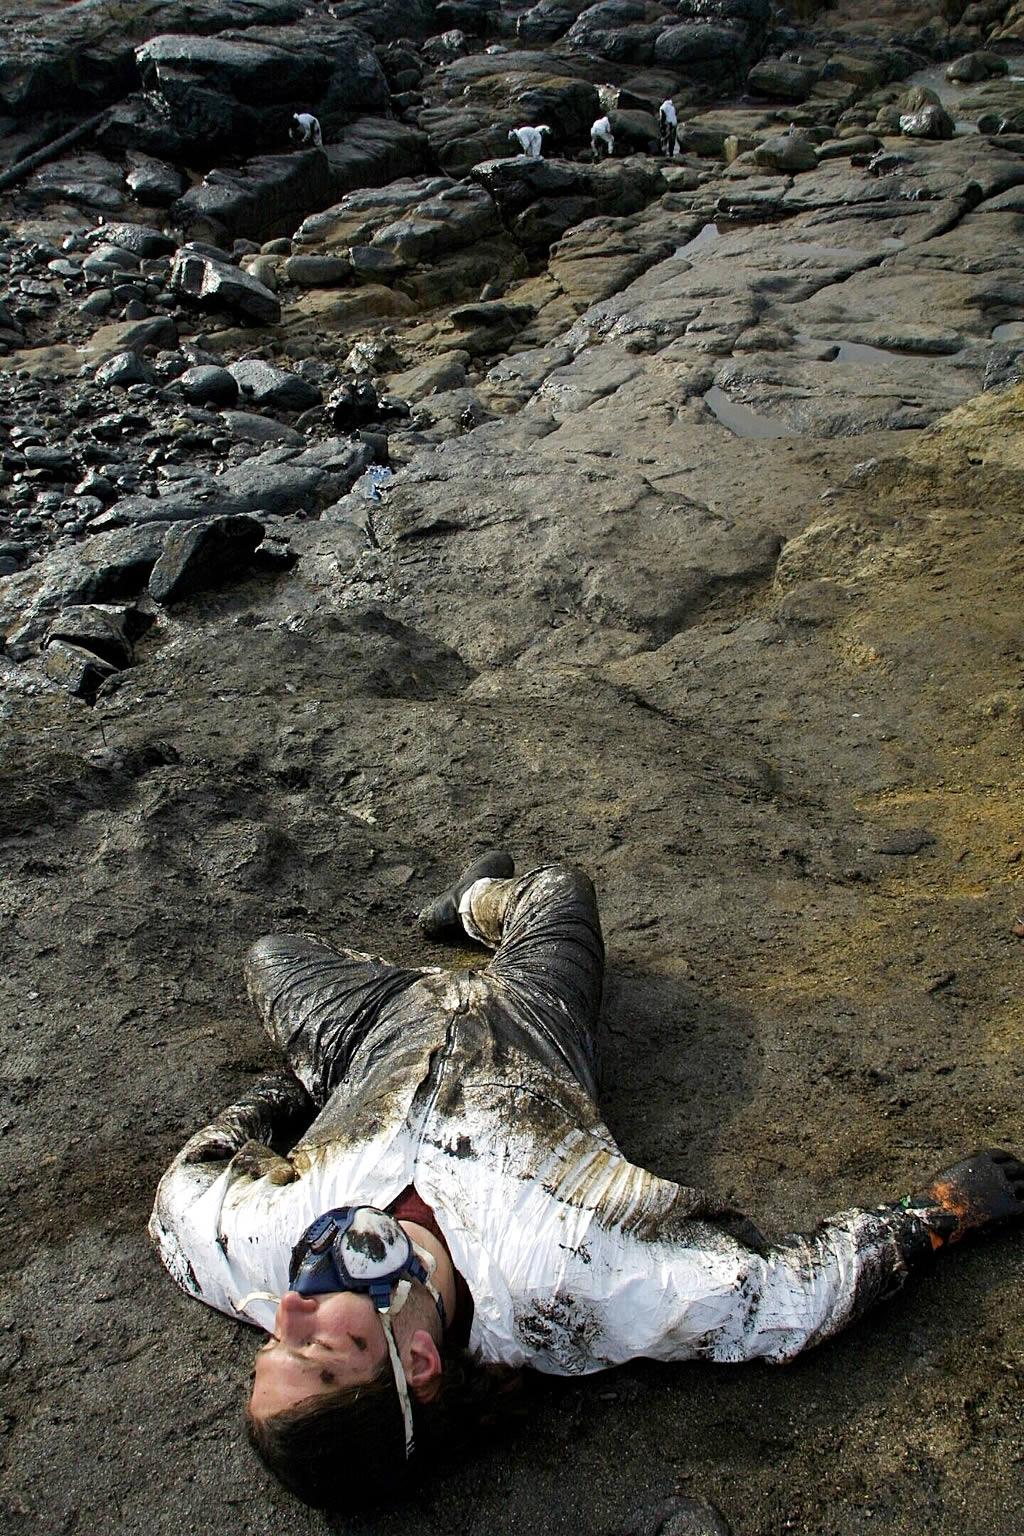 Un voluntario descansa en la playa de A Pedriña, en Muxía, después de trabajar durante toda una mañana. <br>Ana García